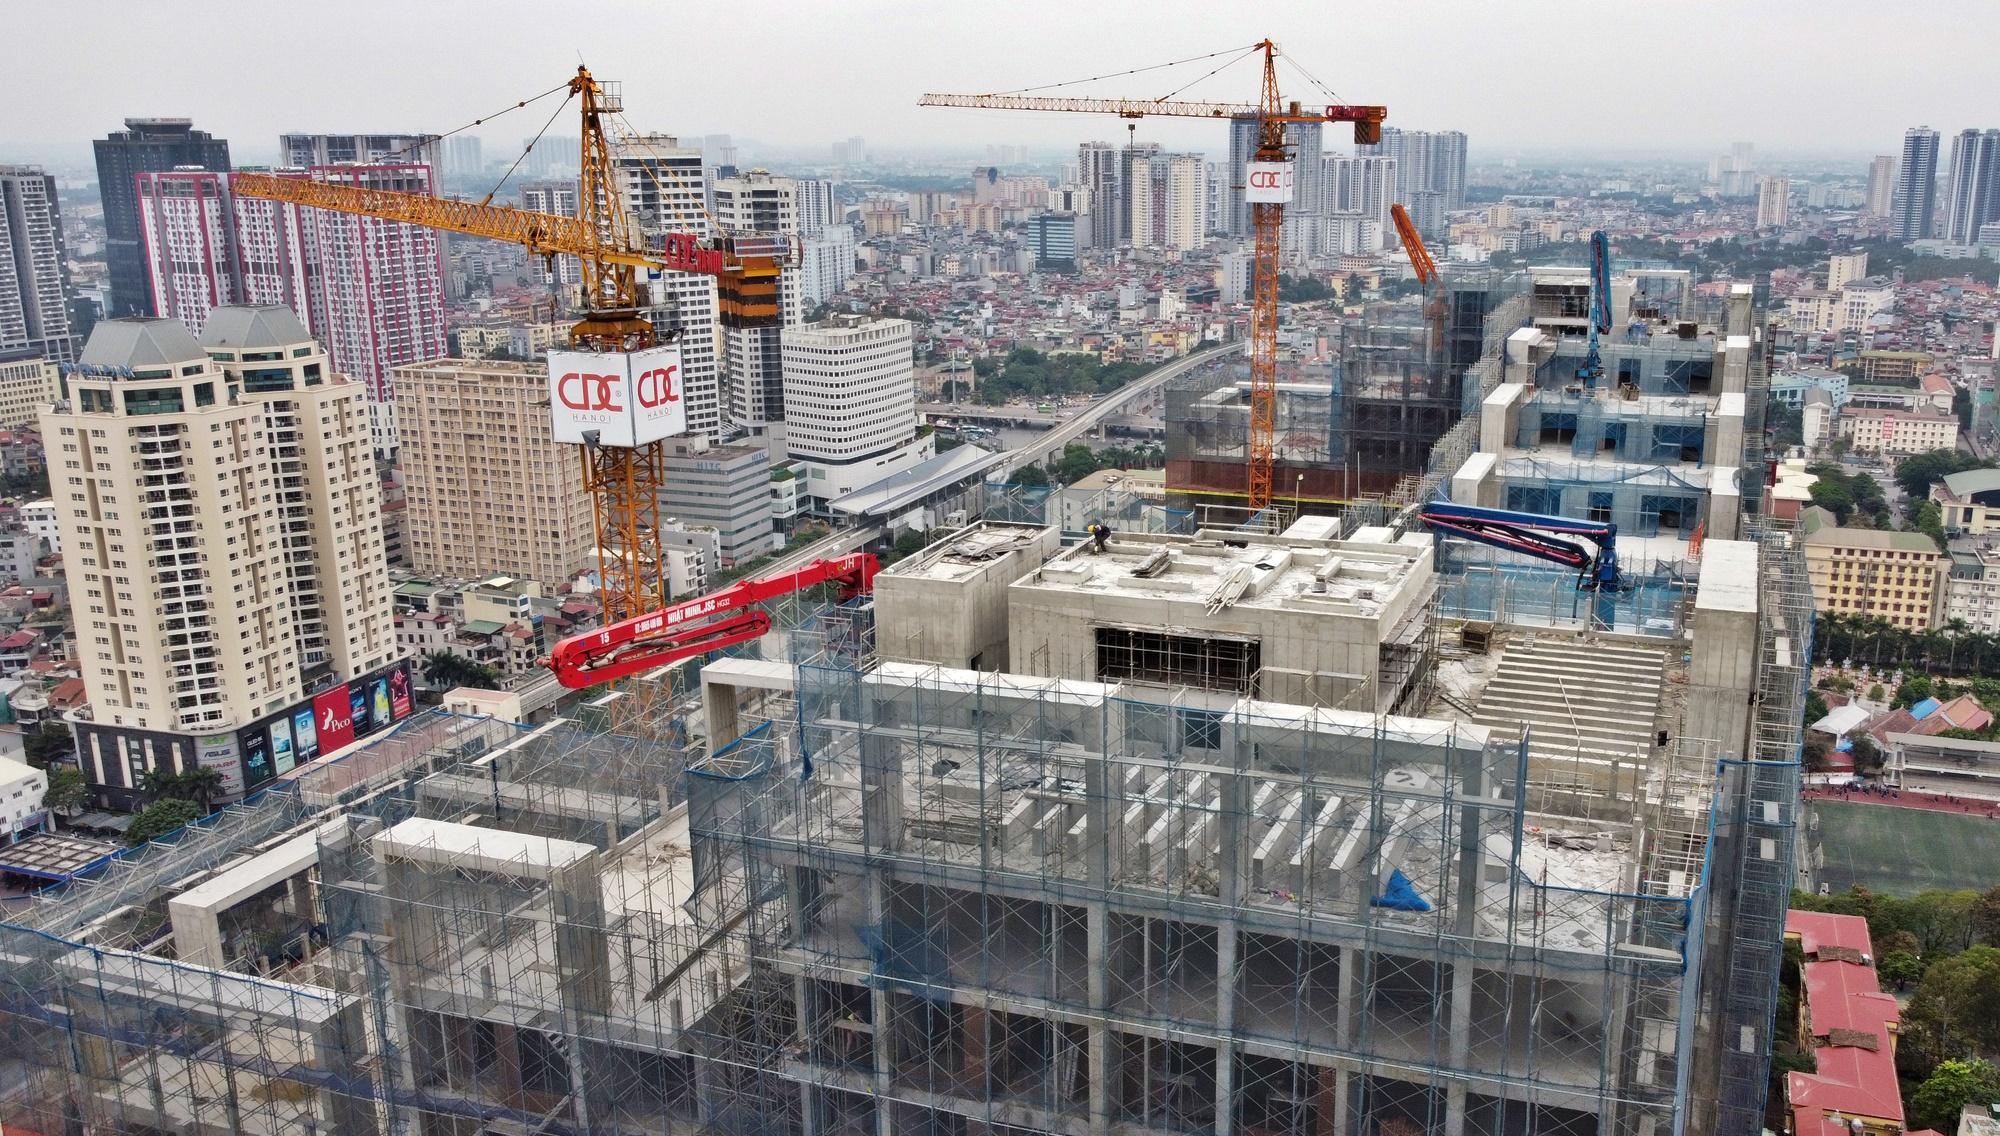 Hình ảnh đường sắt Nhổn - ga Hà Nội khi 'đến hẹn' vận hành đoạn trên cao - Ảnh 2.